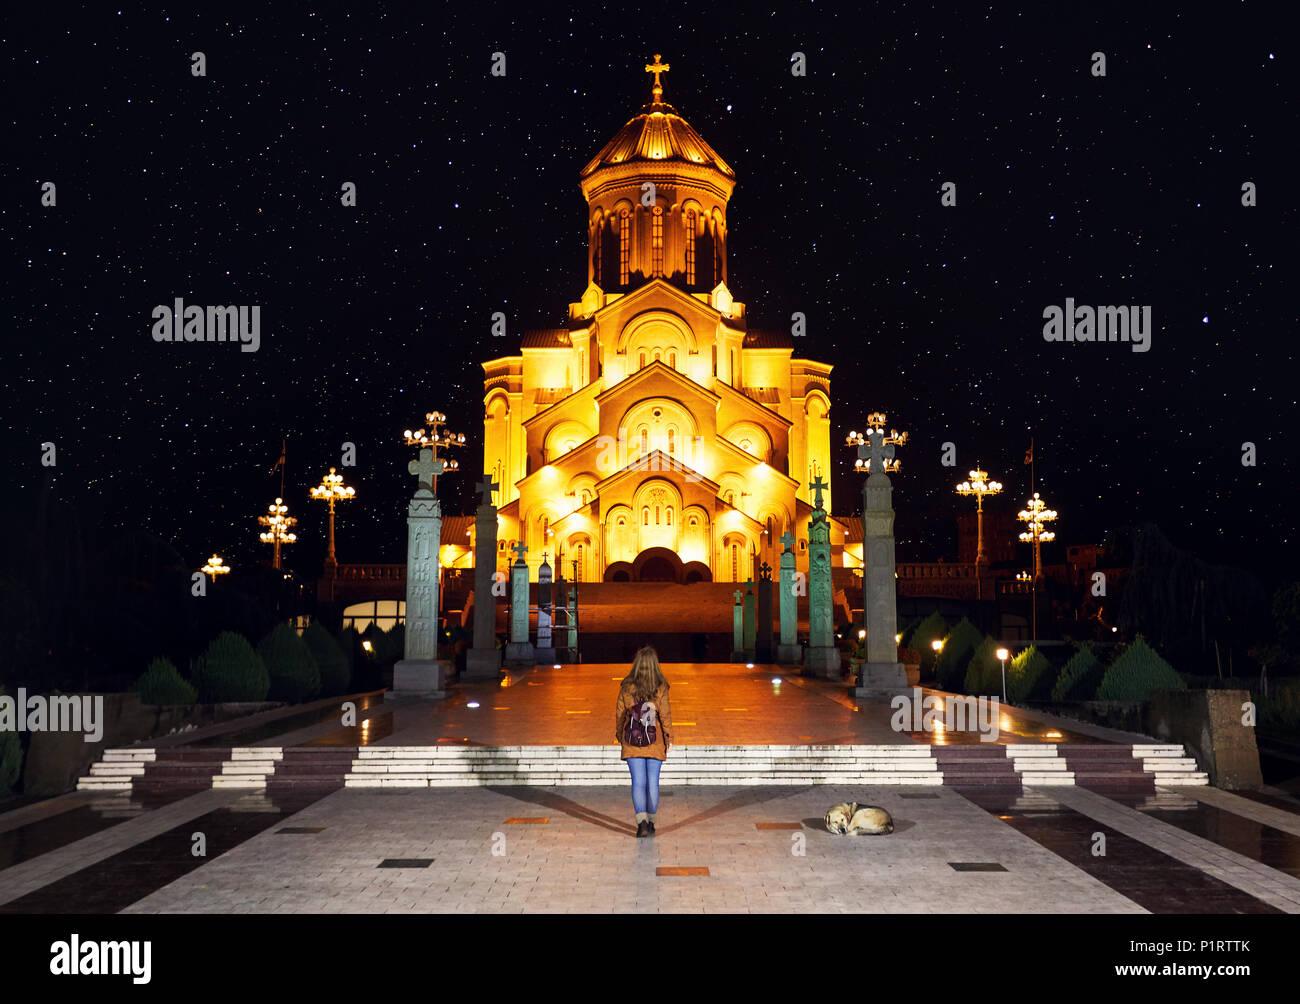 Femme près de la cathédrale Holy Trinity ou église Tsminda Sameba de nuit à Tbilissi, Géorgie Photo Stock